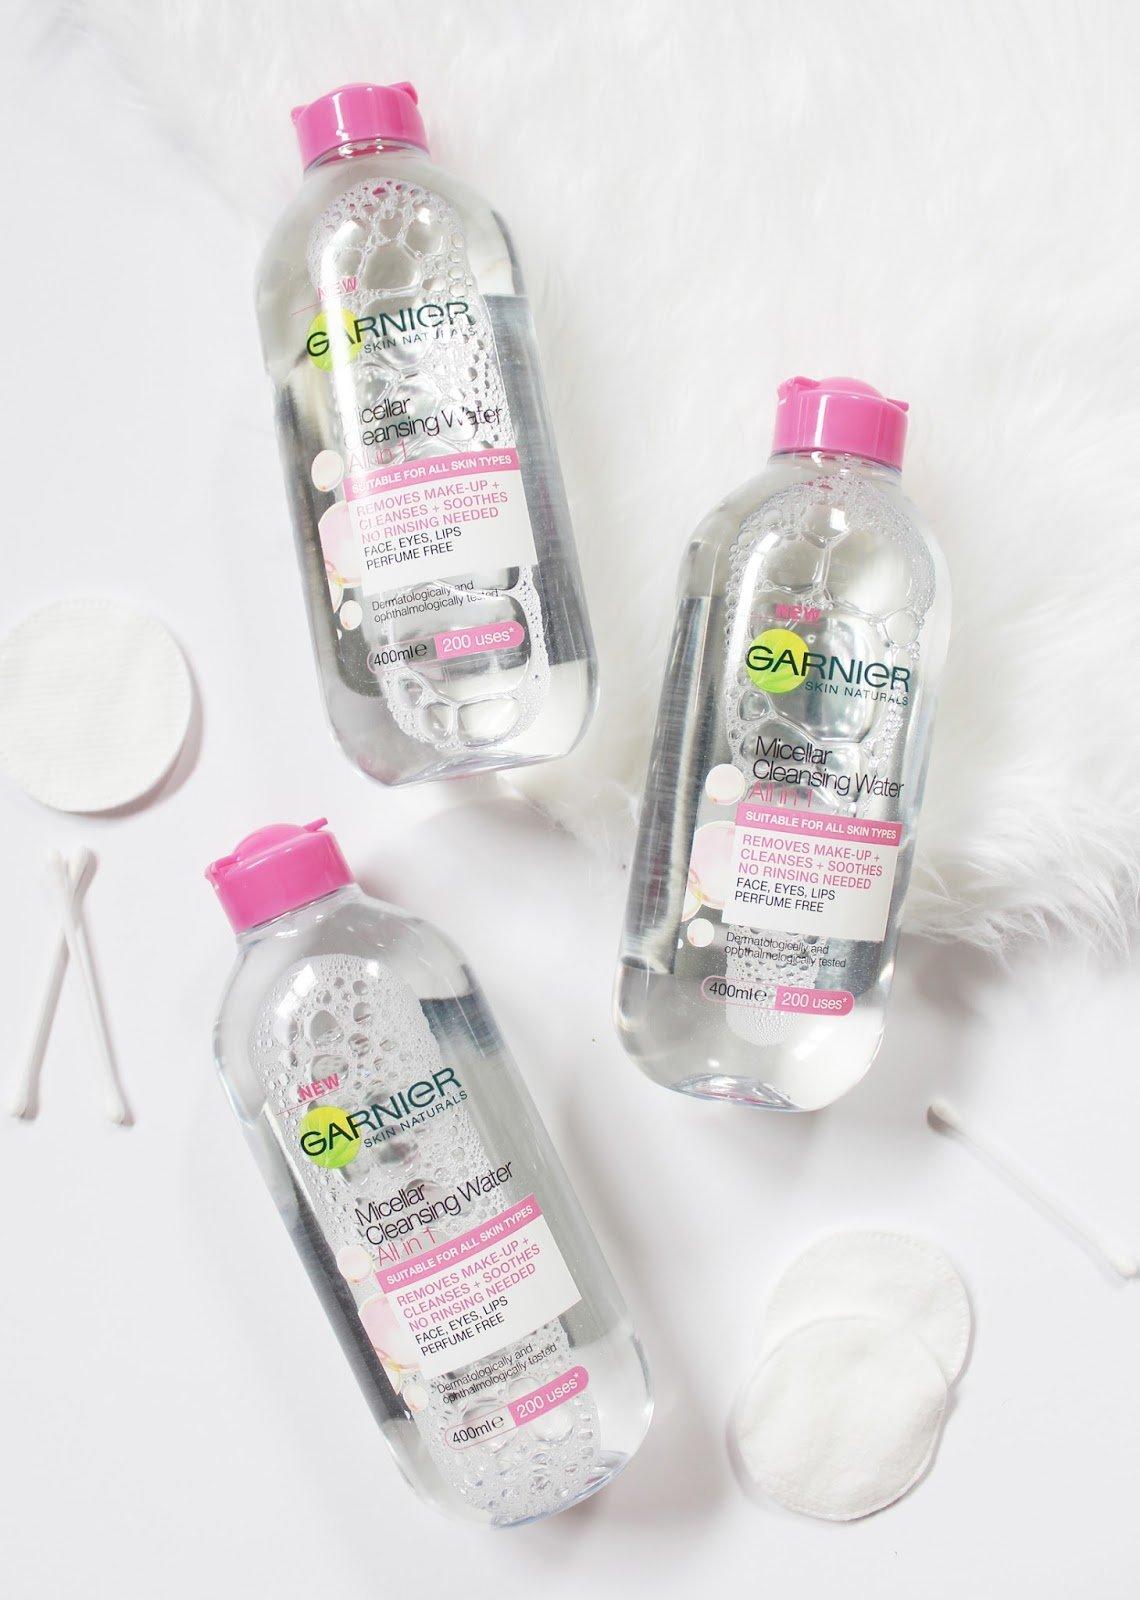 Tẩy Trang Garnier Micellar Cleansing Water